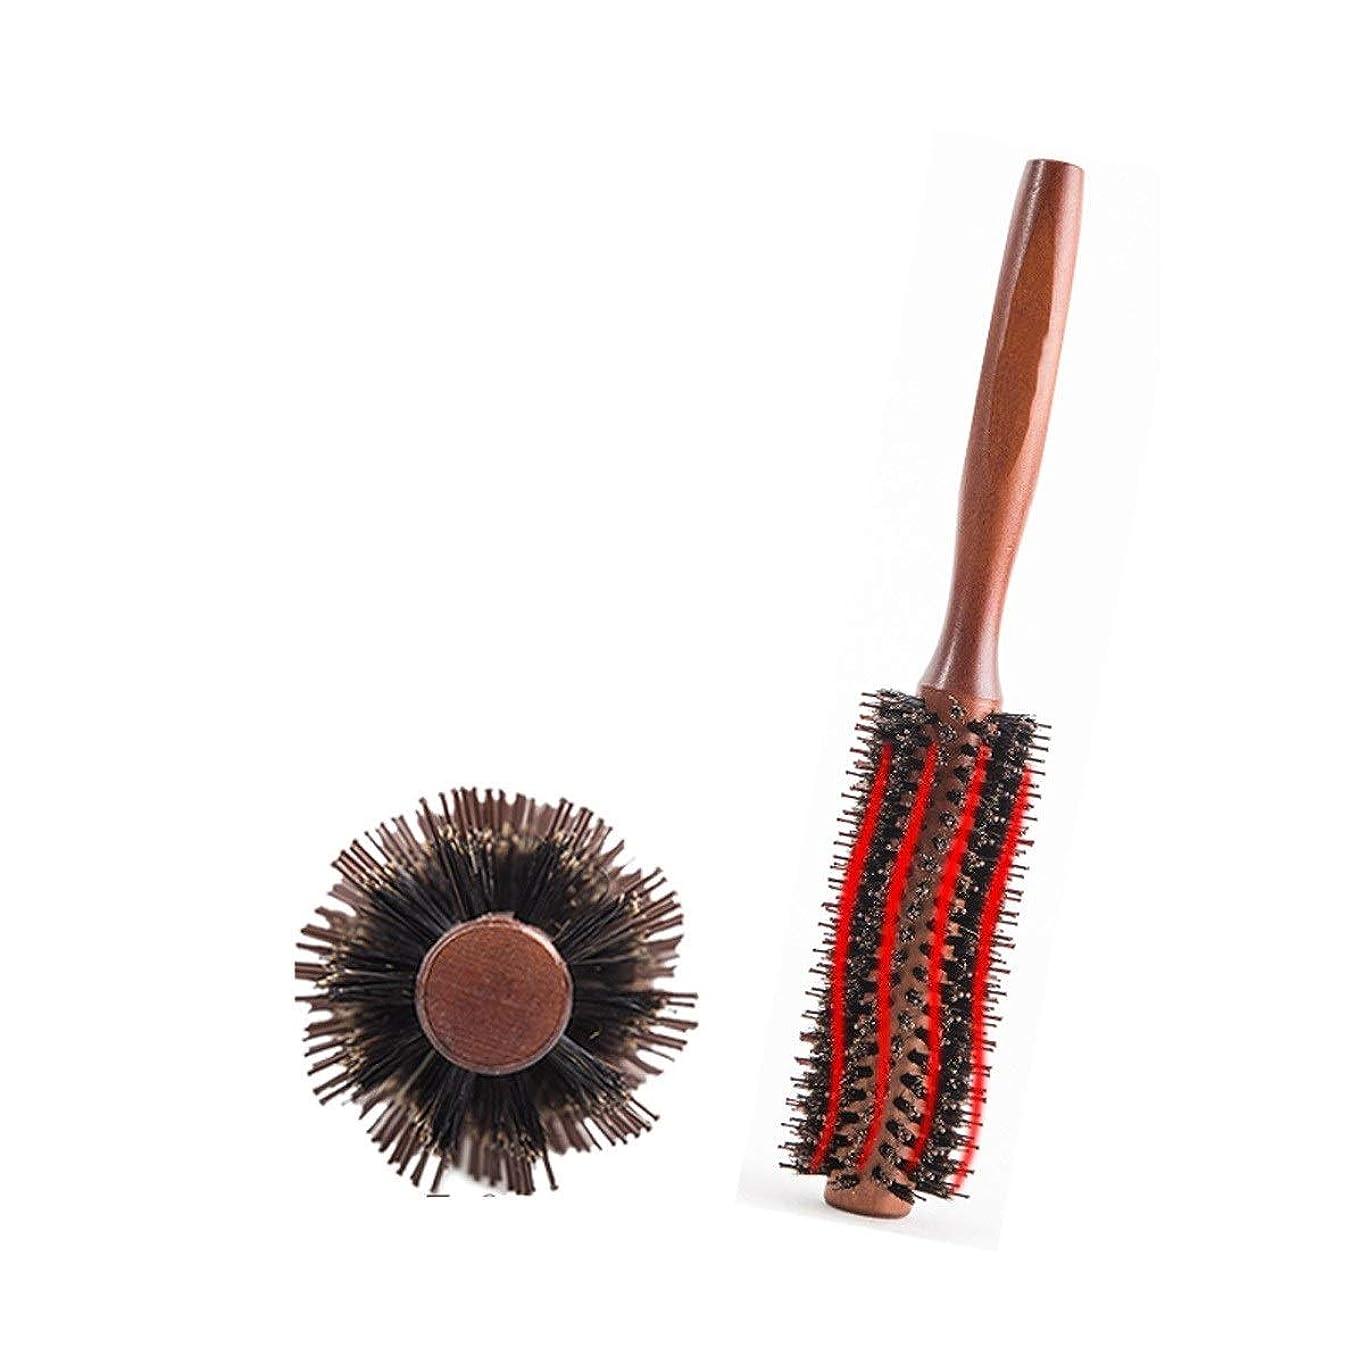 却下する安全振るうFengkuo 櫛、巻き毛の櫛、ふわふわの家庭用ロール櫛、理髪店特別な木製の櫛、ウッドカラー、2つのスタイル 櫛 (Design : A, Size : S)